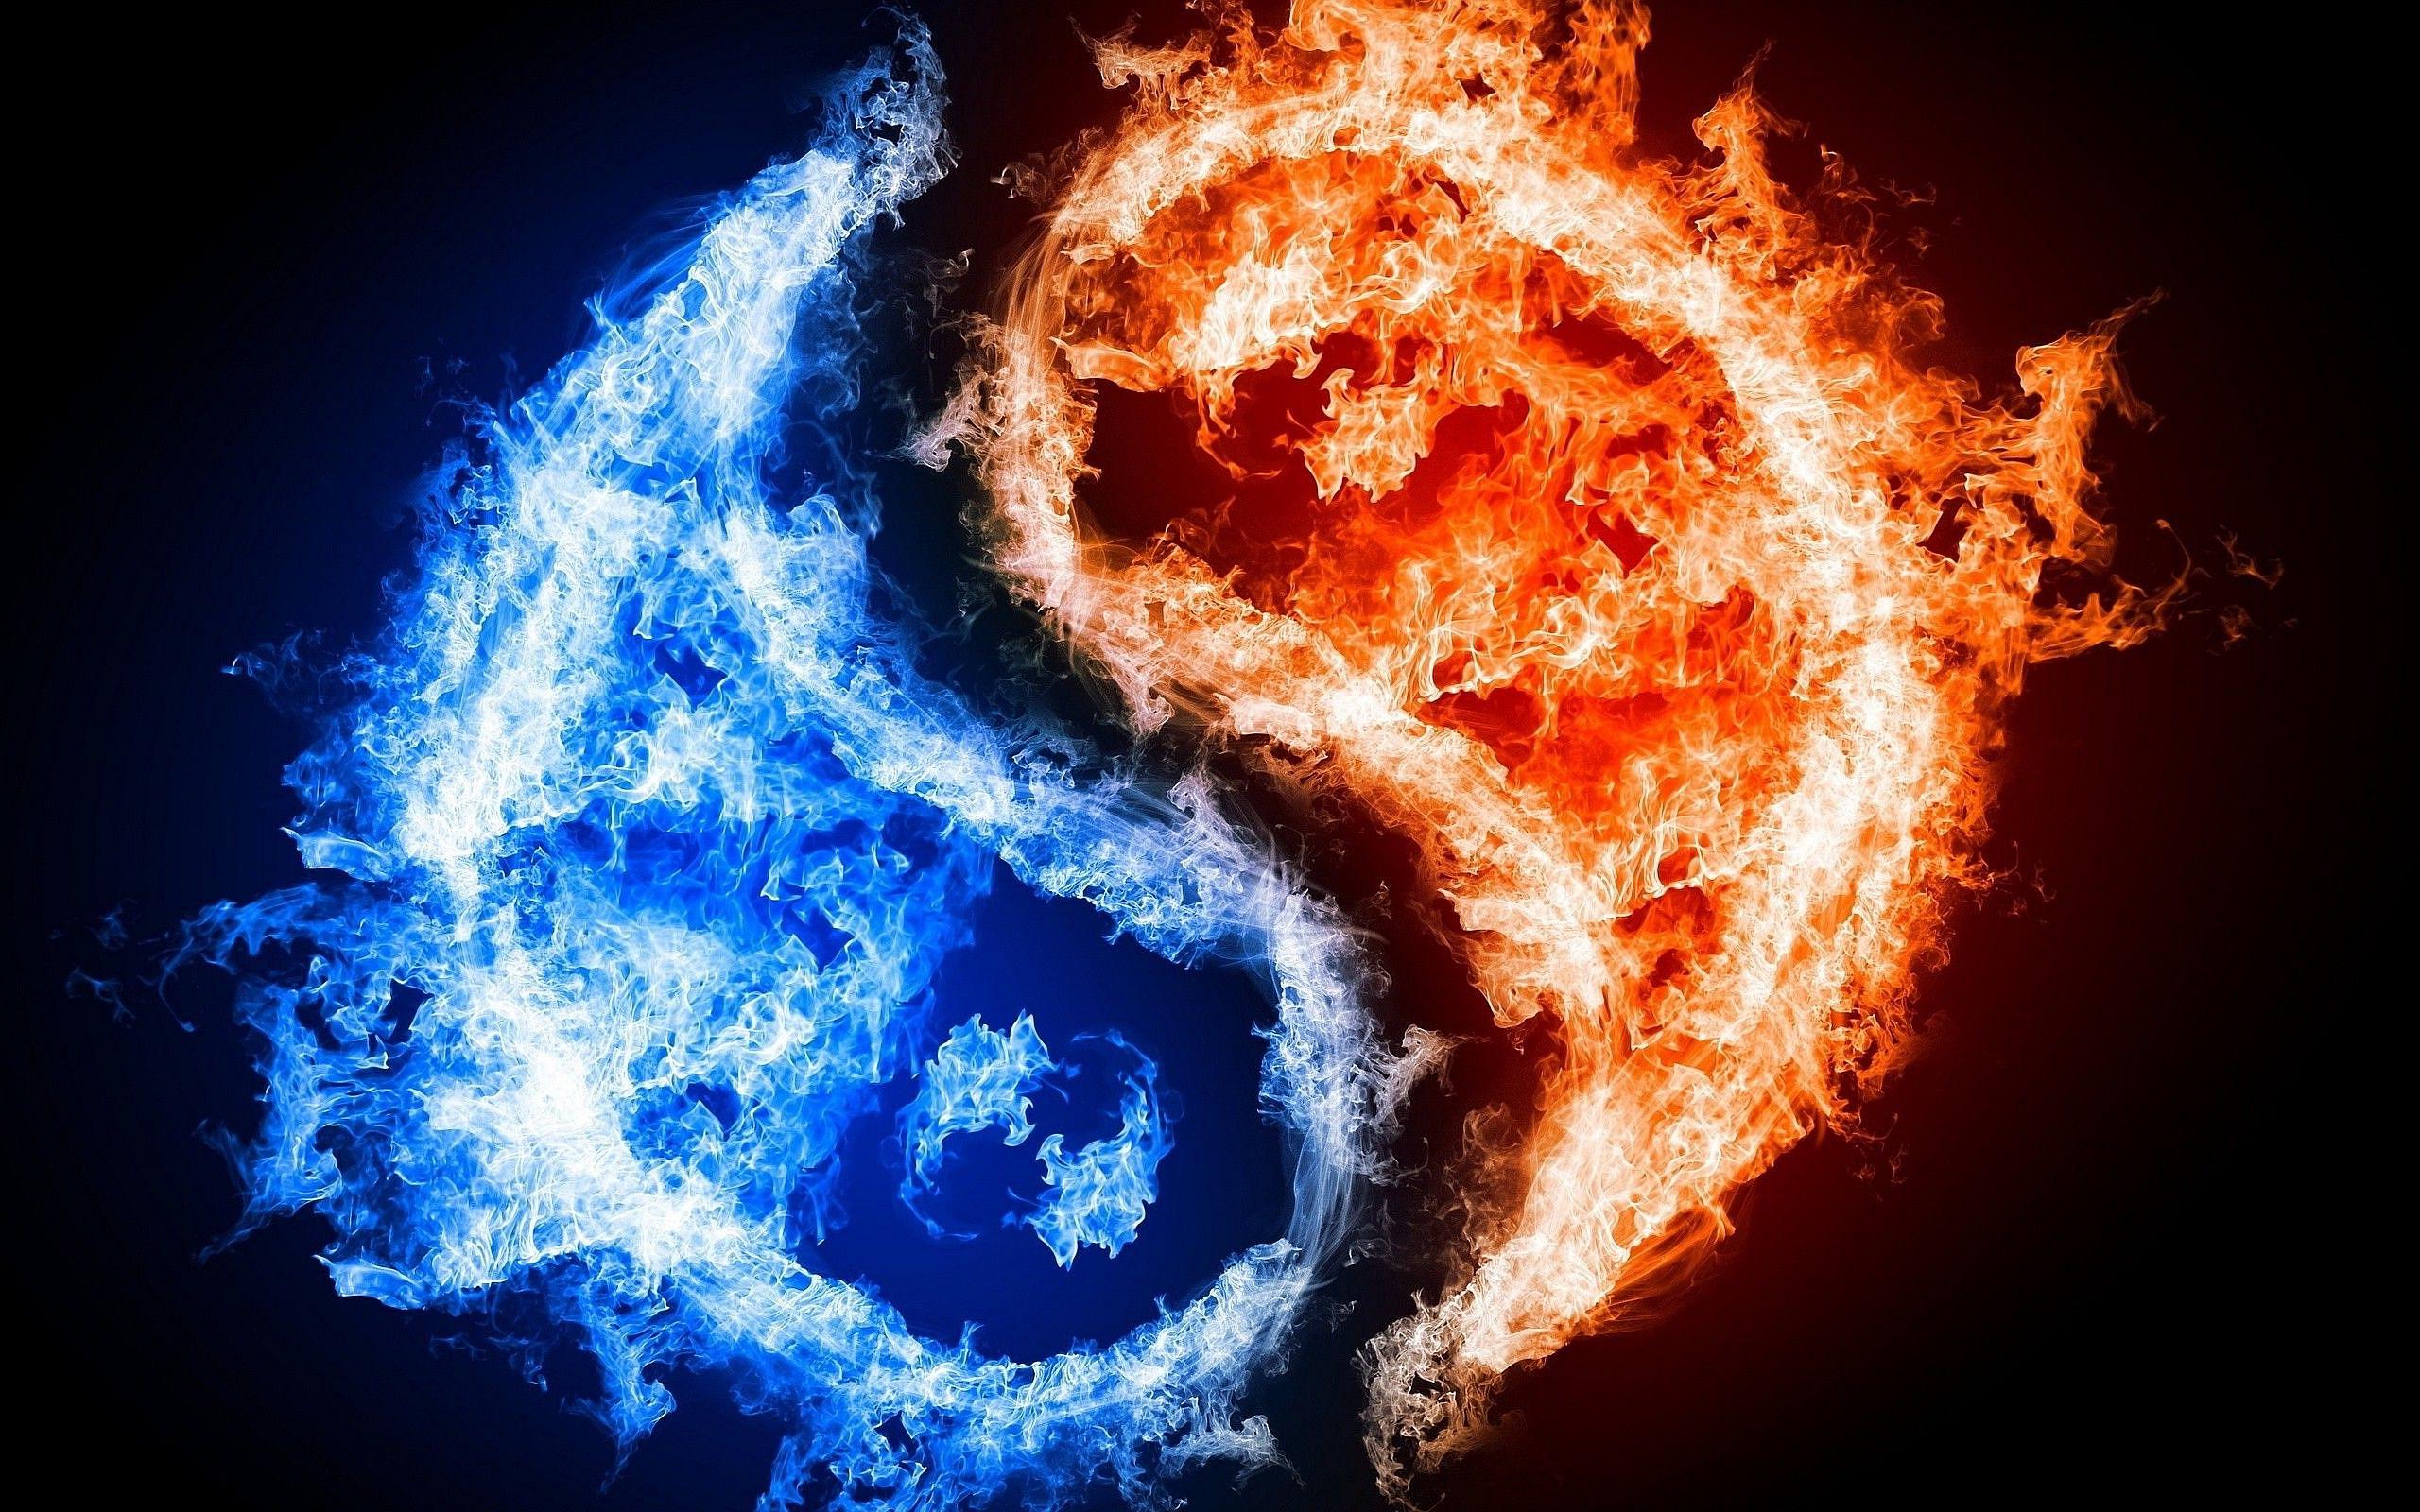 yin yang fire ice wallpaper | 2560x1600 | #11213